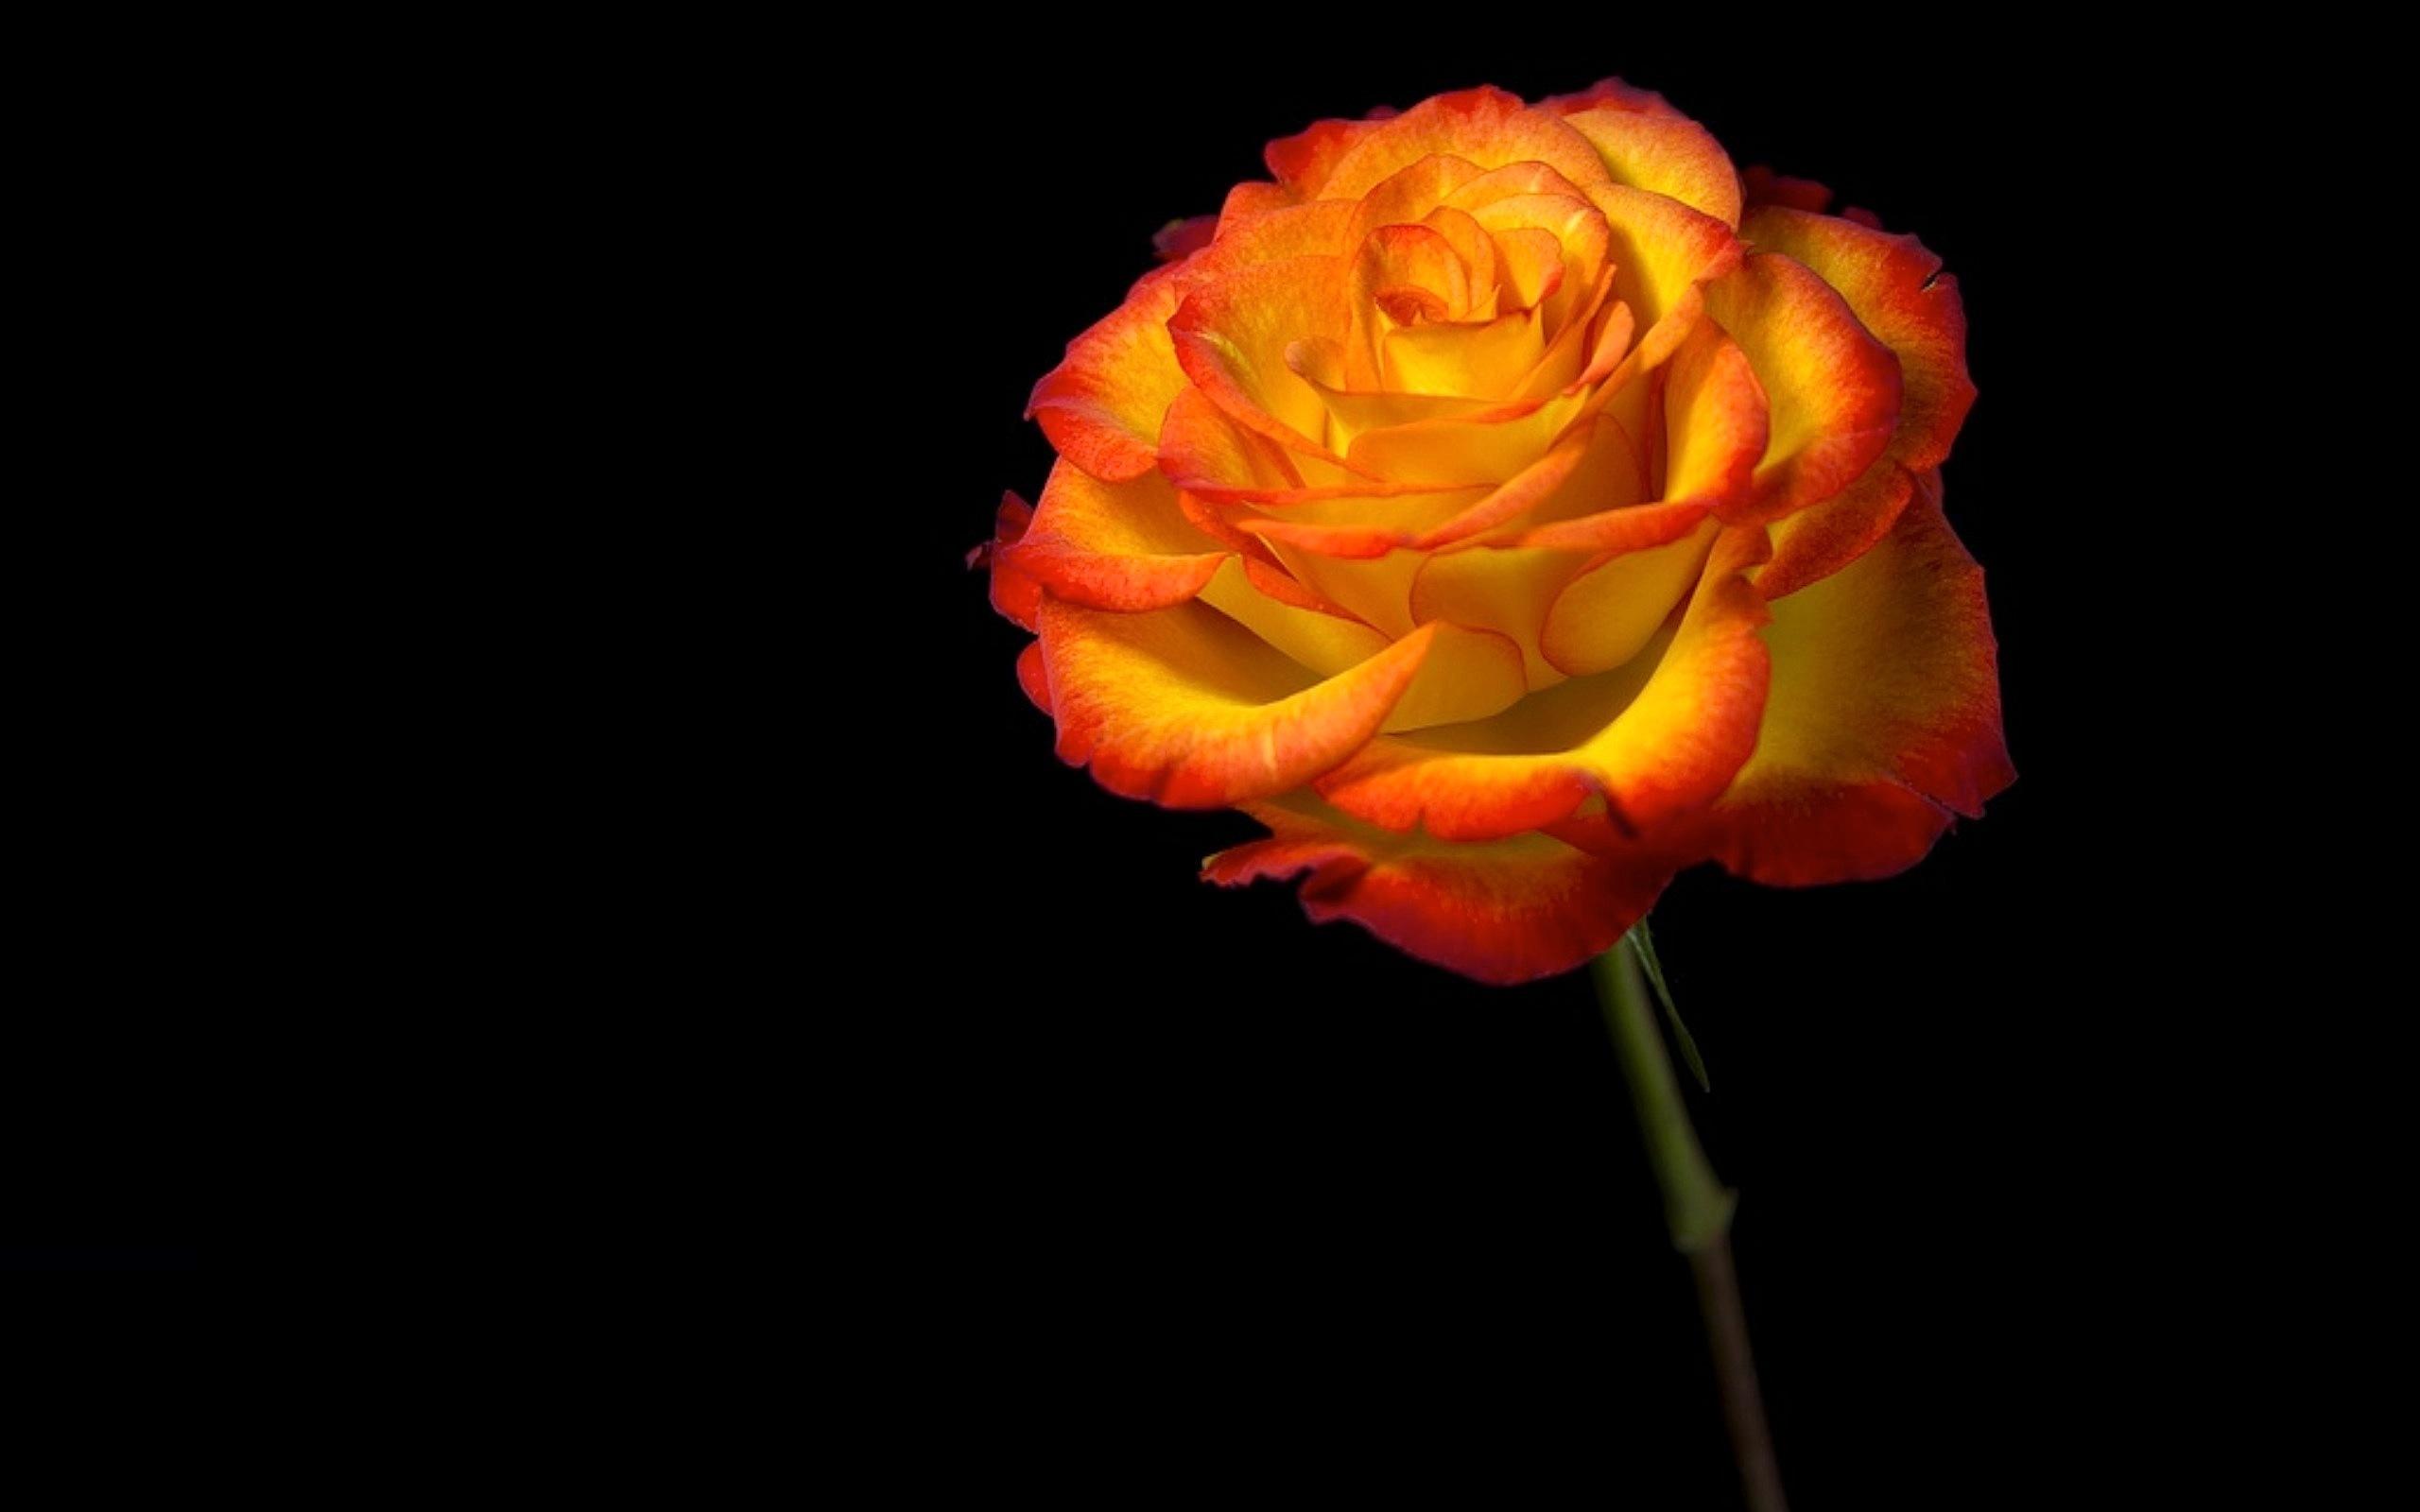 красивые цветы картинки розы белые черные красные оранжевые